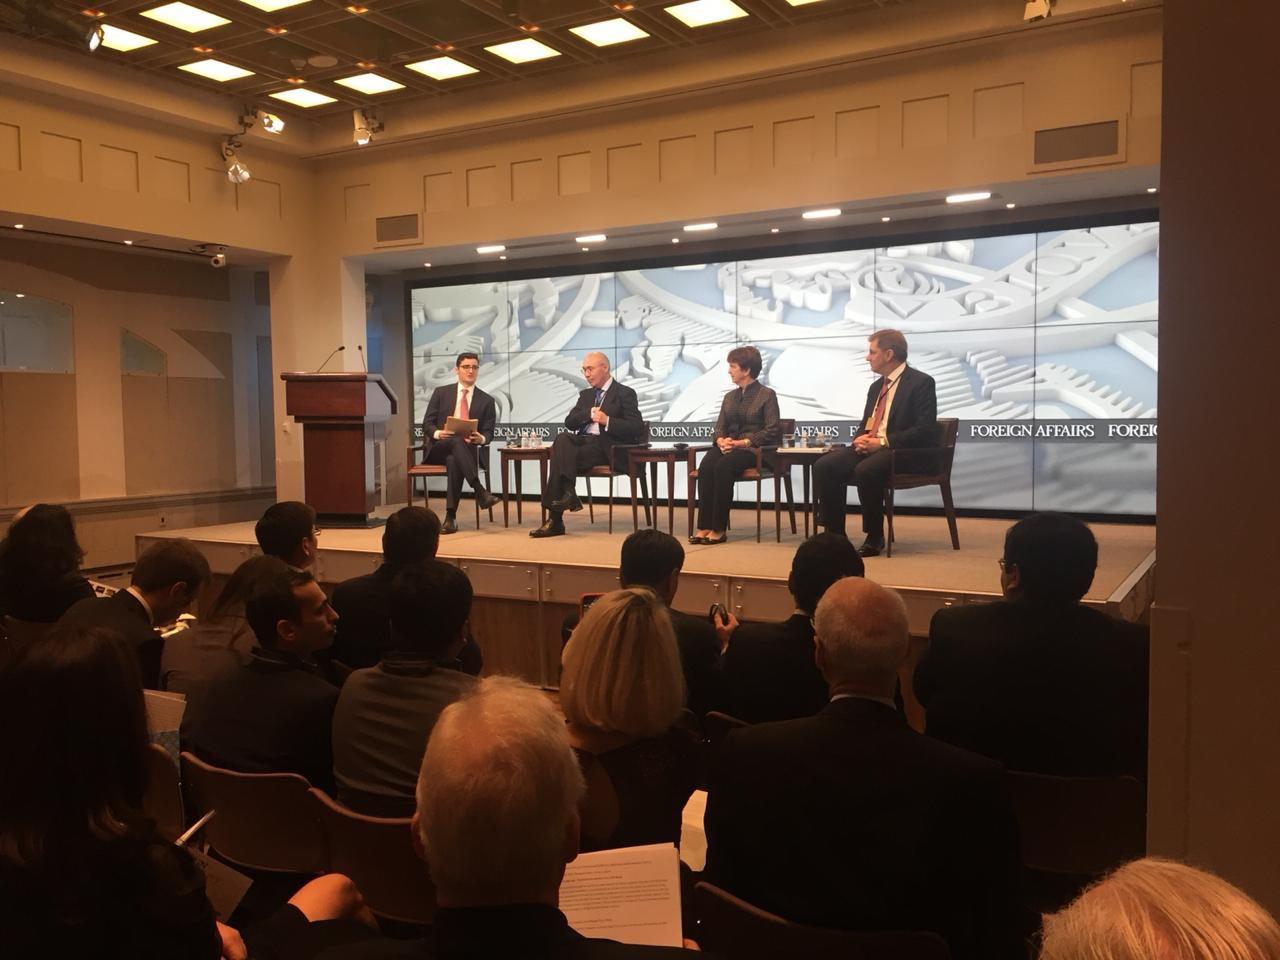 В Нью-Йорке презентовали инвестиционные возможности Казахстана